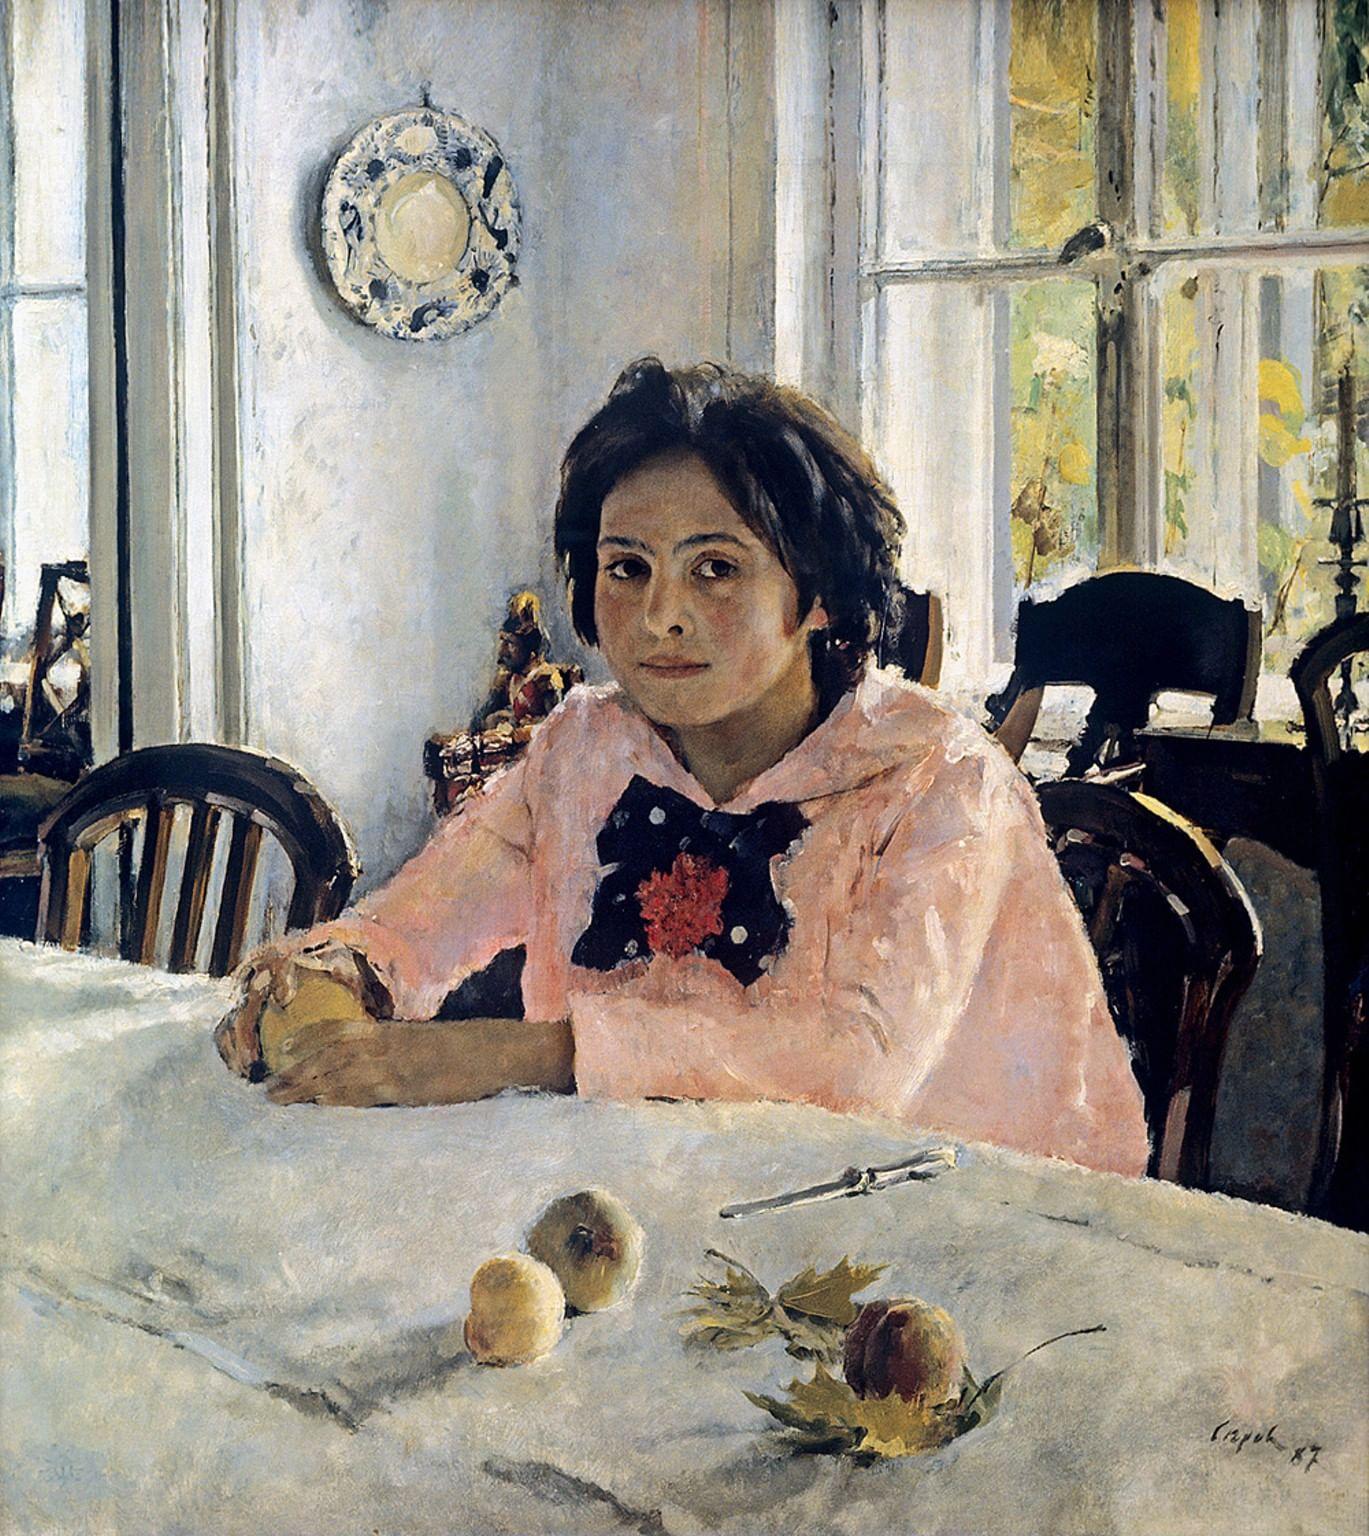 Вера, Надежда, Любовь и София: Самые красивые русские портреты. Галерея 1